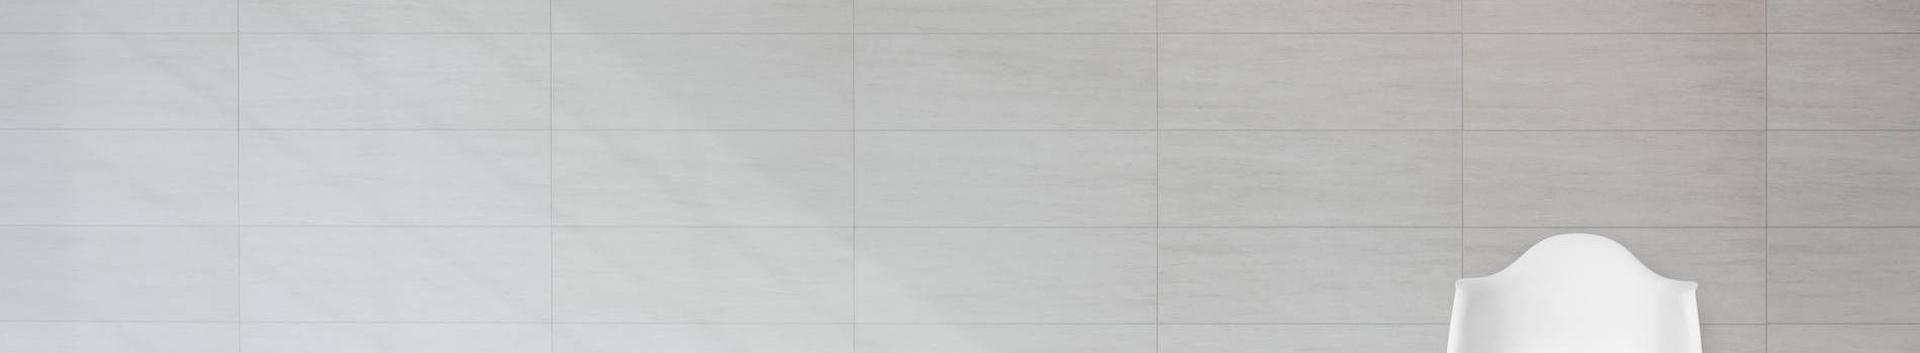 ehitus- ja viimistlusmaterjalid, interjöör, valgustid